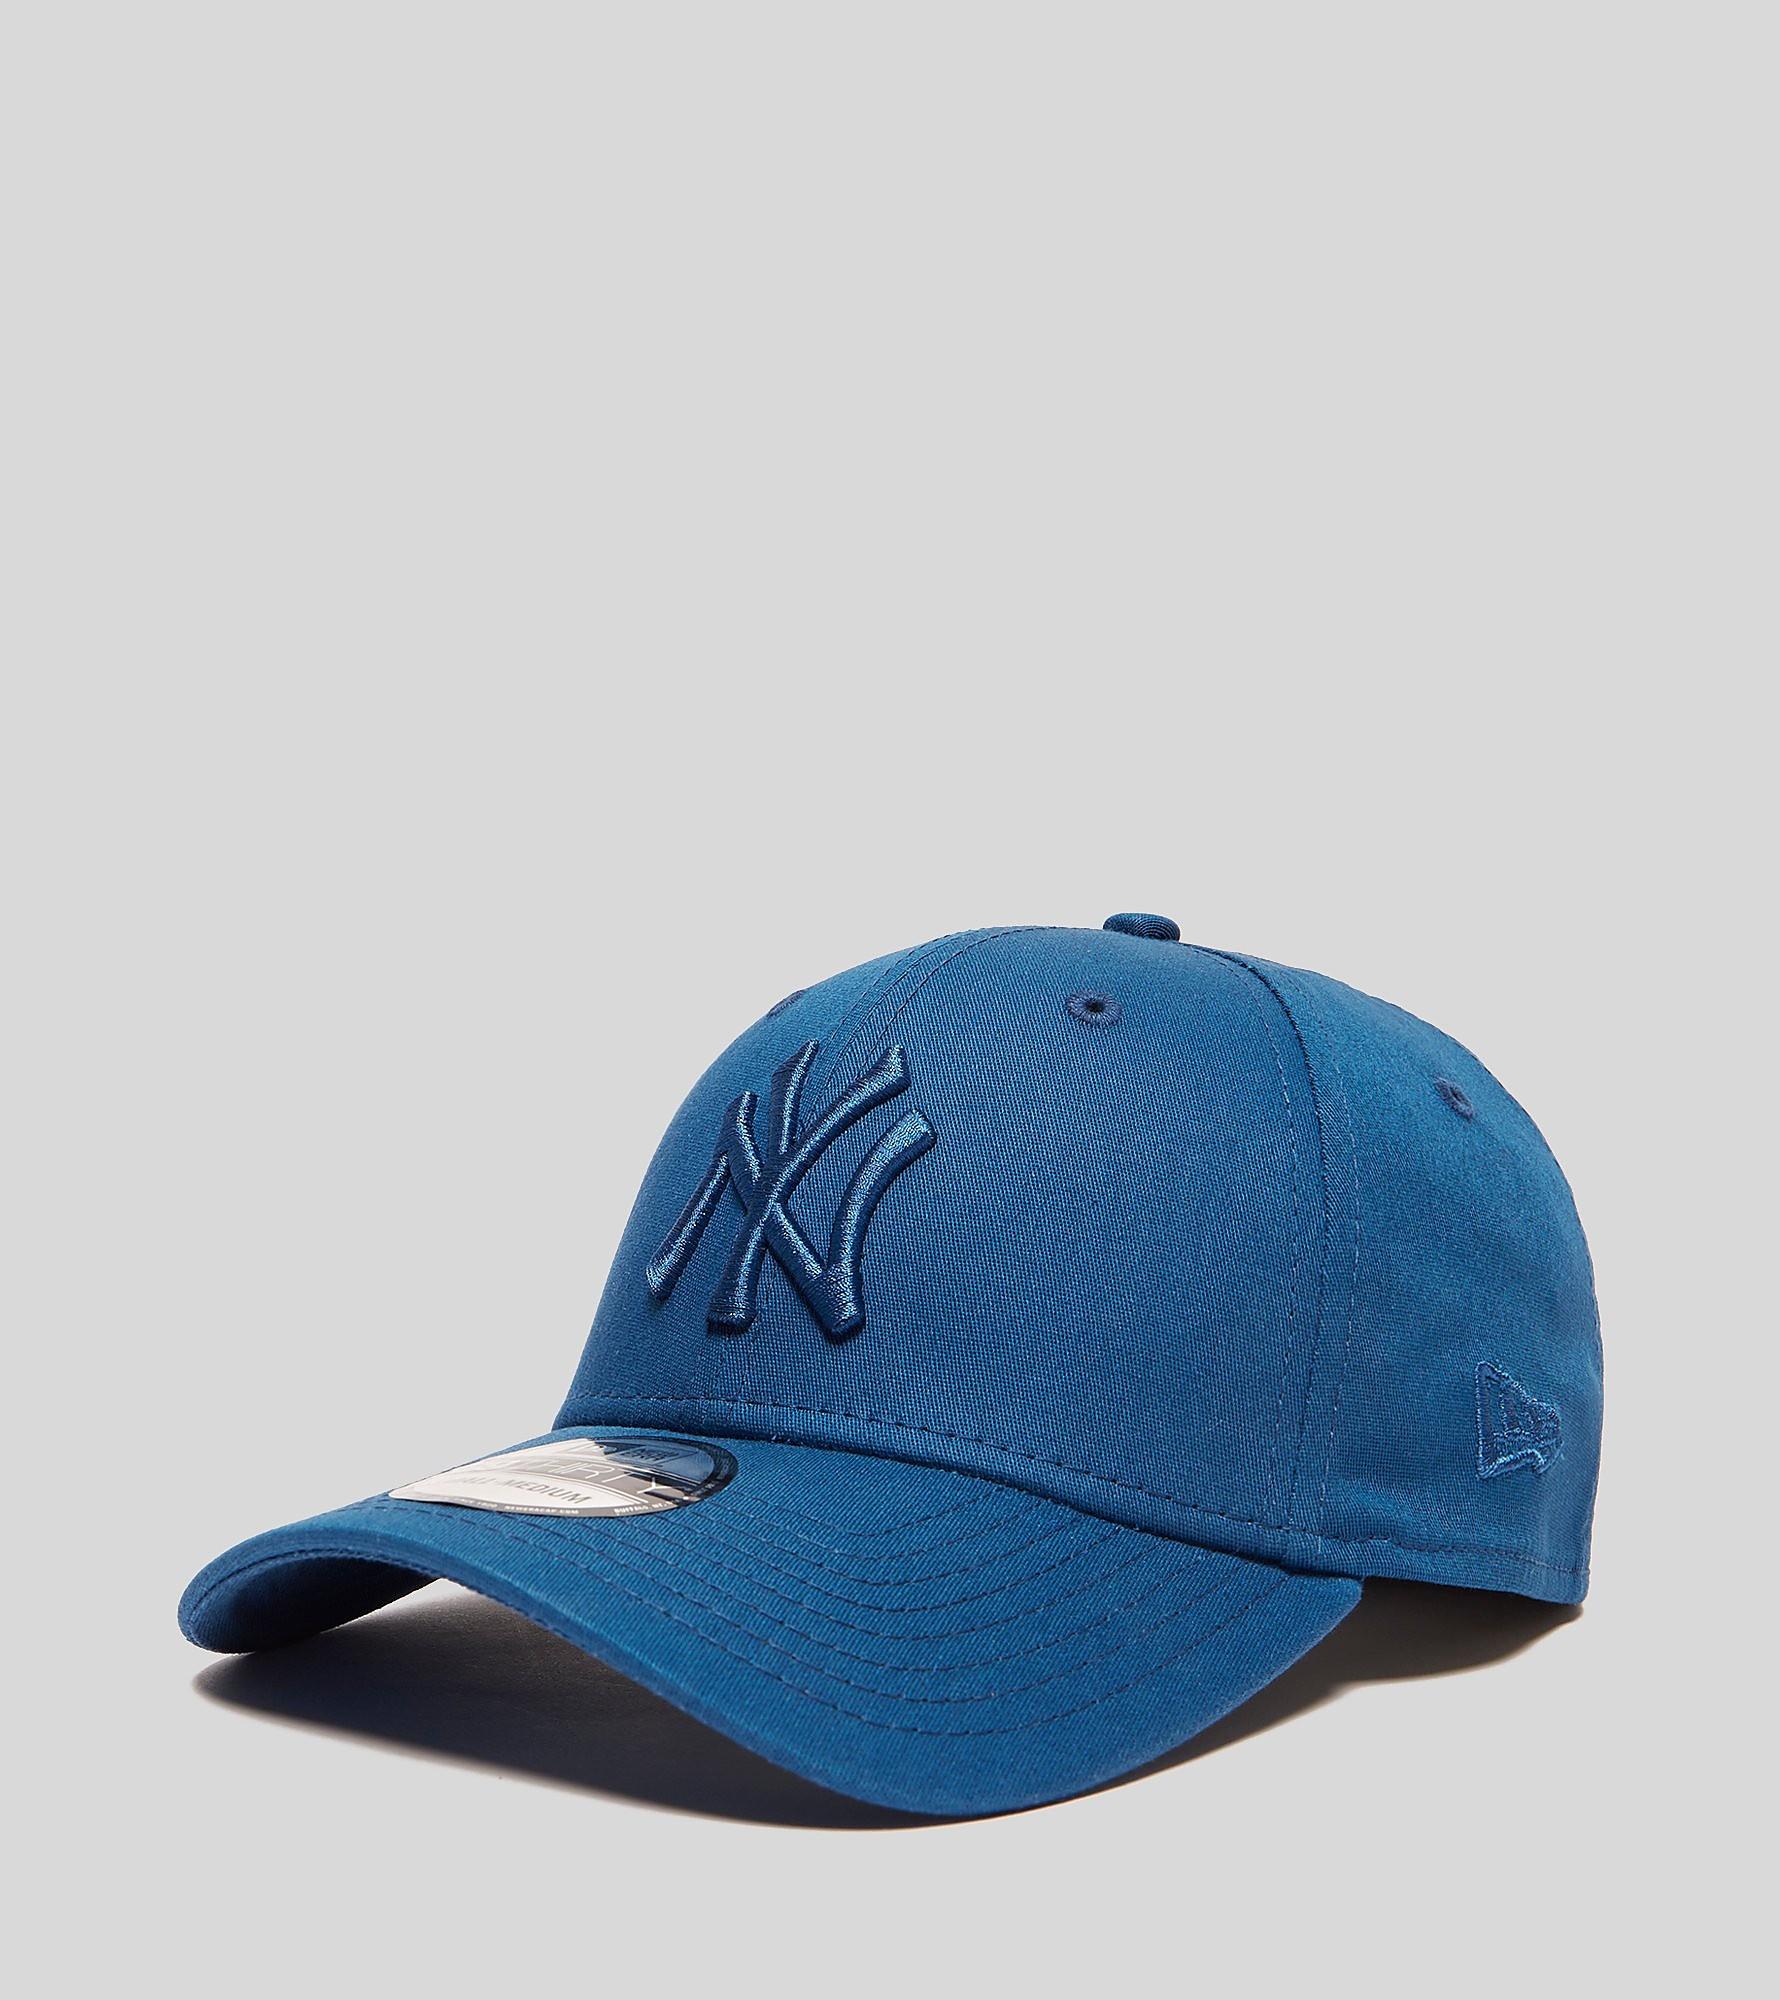 New Era MLB New York Yankees 39THIRTY Cap